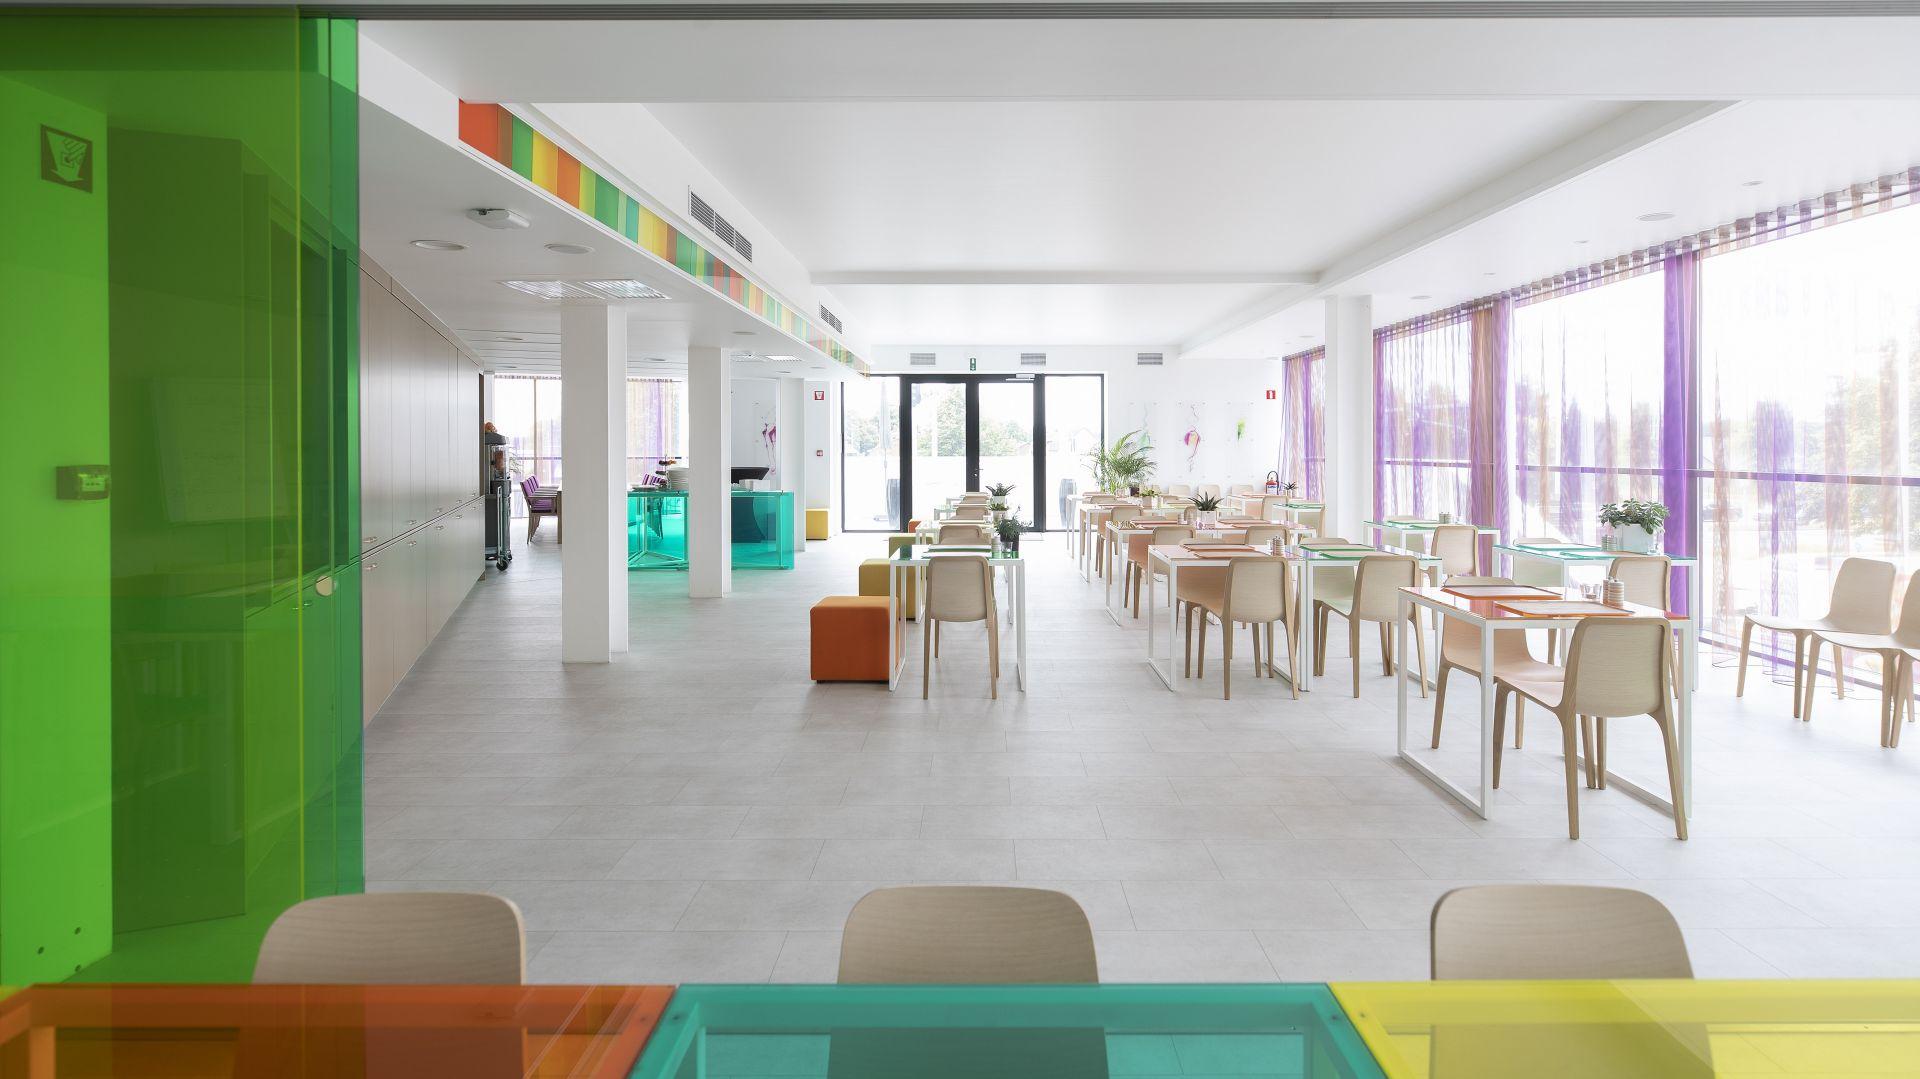 Hotelowe lobby czy restauracje to  bardzo wymagające środowisko, dlatego podłogi powinne przede wszystkim cechować się odpornością na ścieranie i uderzenia, dźwiękochłonnością i łatwości konserwacji i czyszczenia. Na zdjęciu realizacja z zastosowanymi podłogami Pergo w Corbie Hotel Lommel. W restauracji zastosowano płytki w kolorze betonu kolekcja Tiles. Fot. Pergo